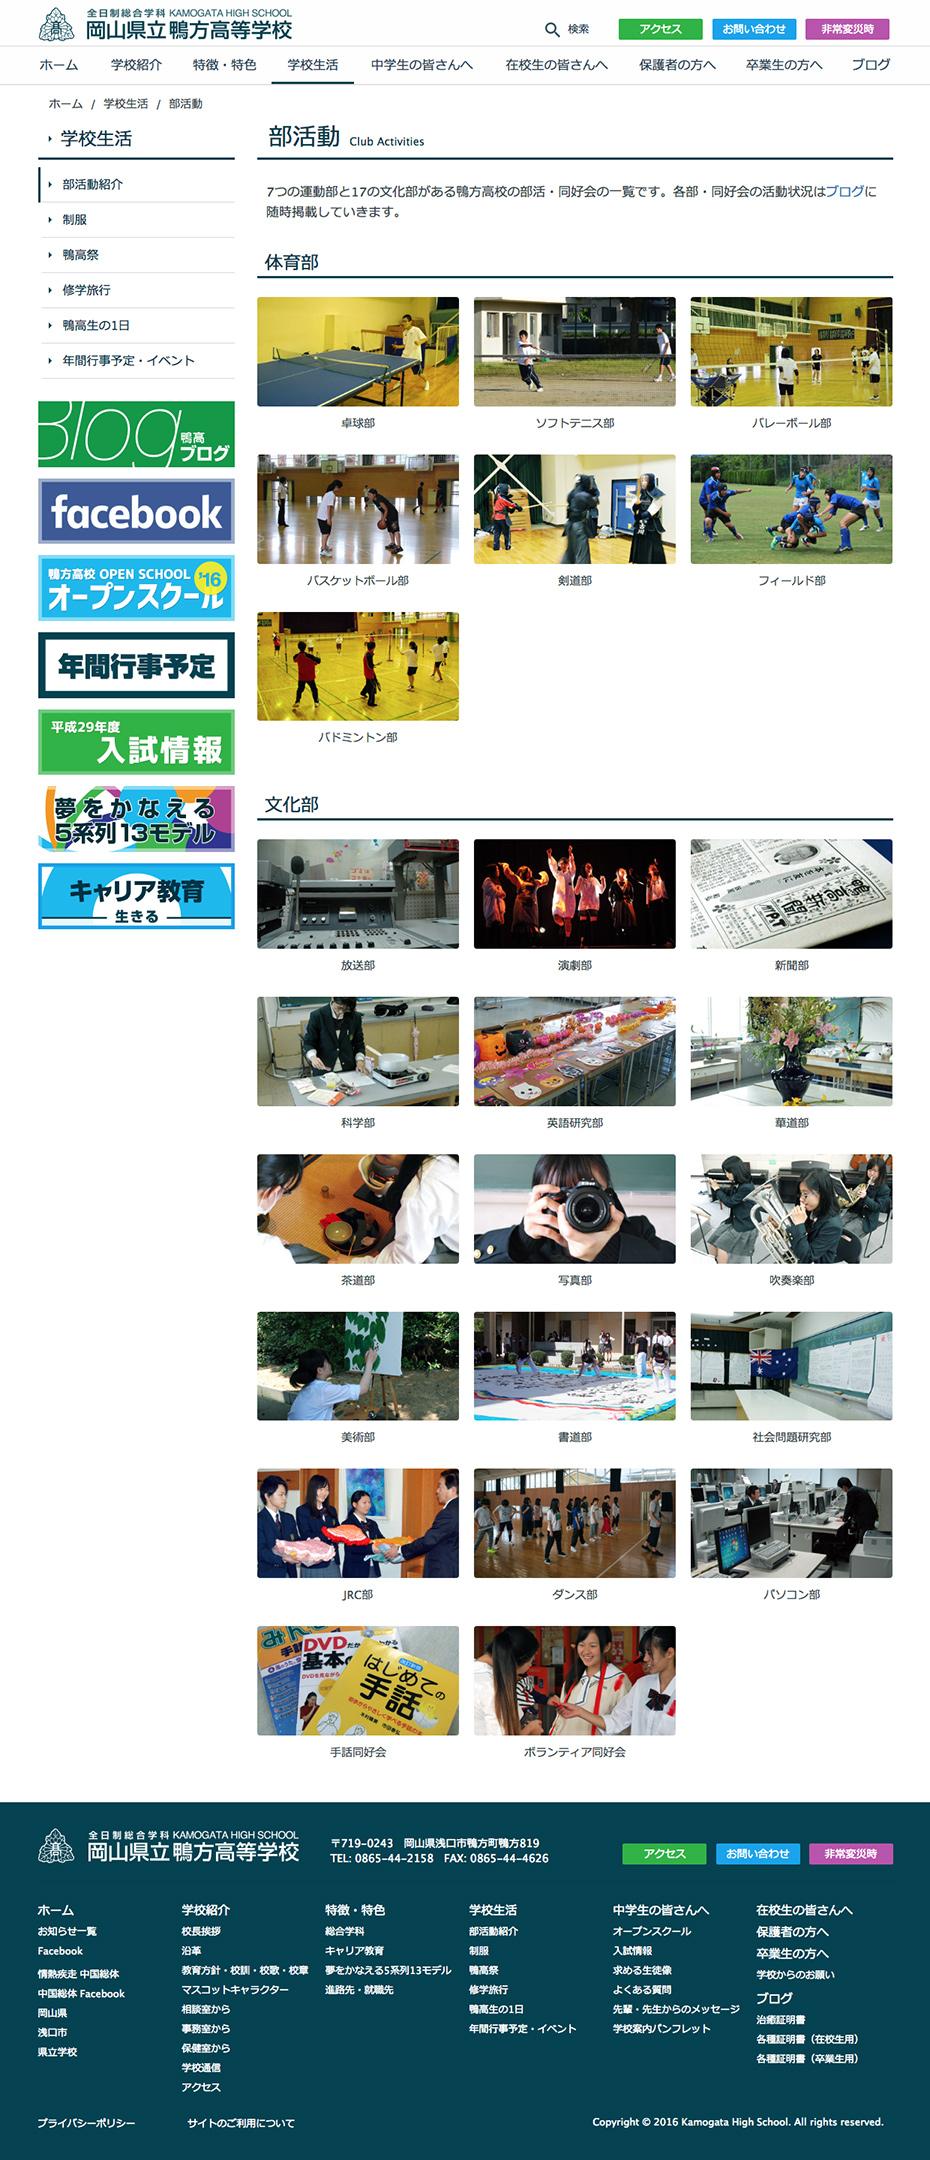 鴨方高等学校様 ホームページ 部活動